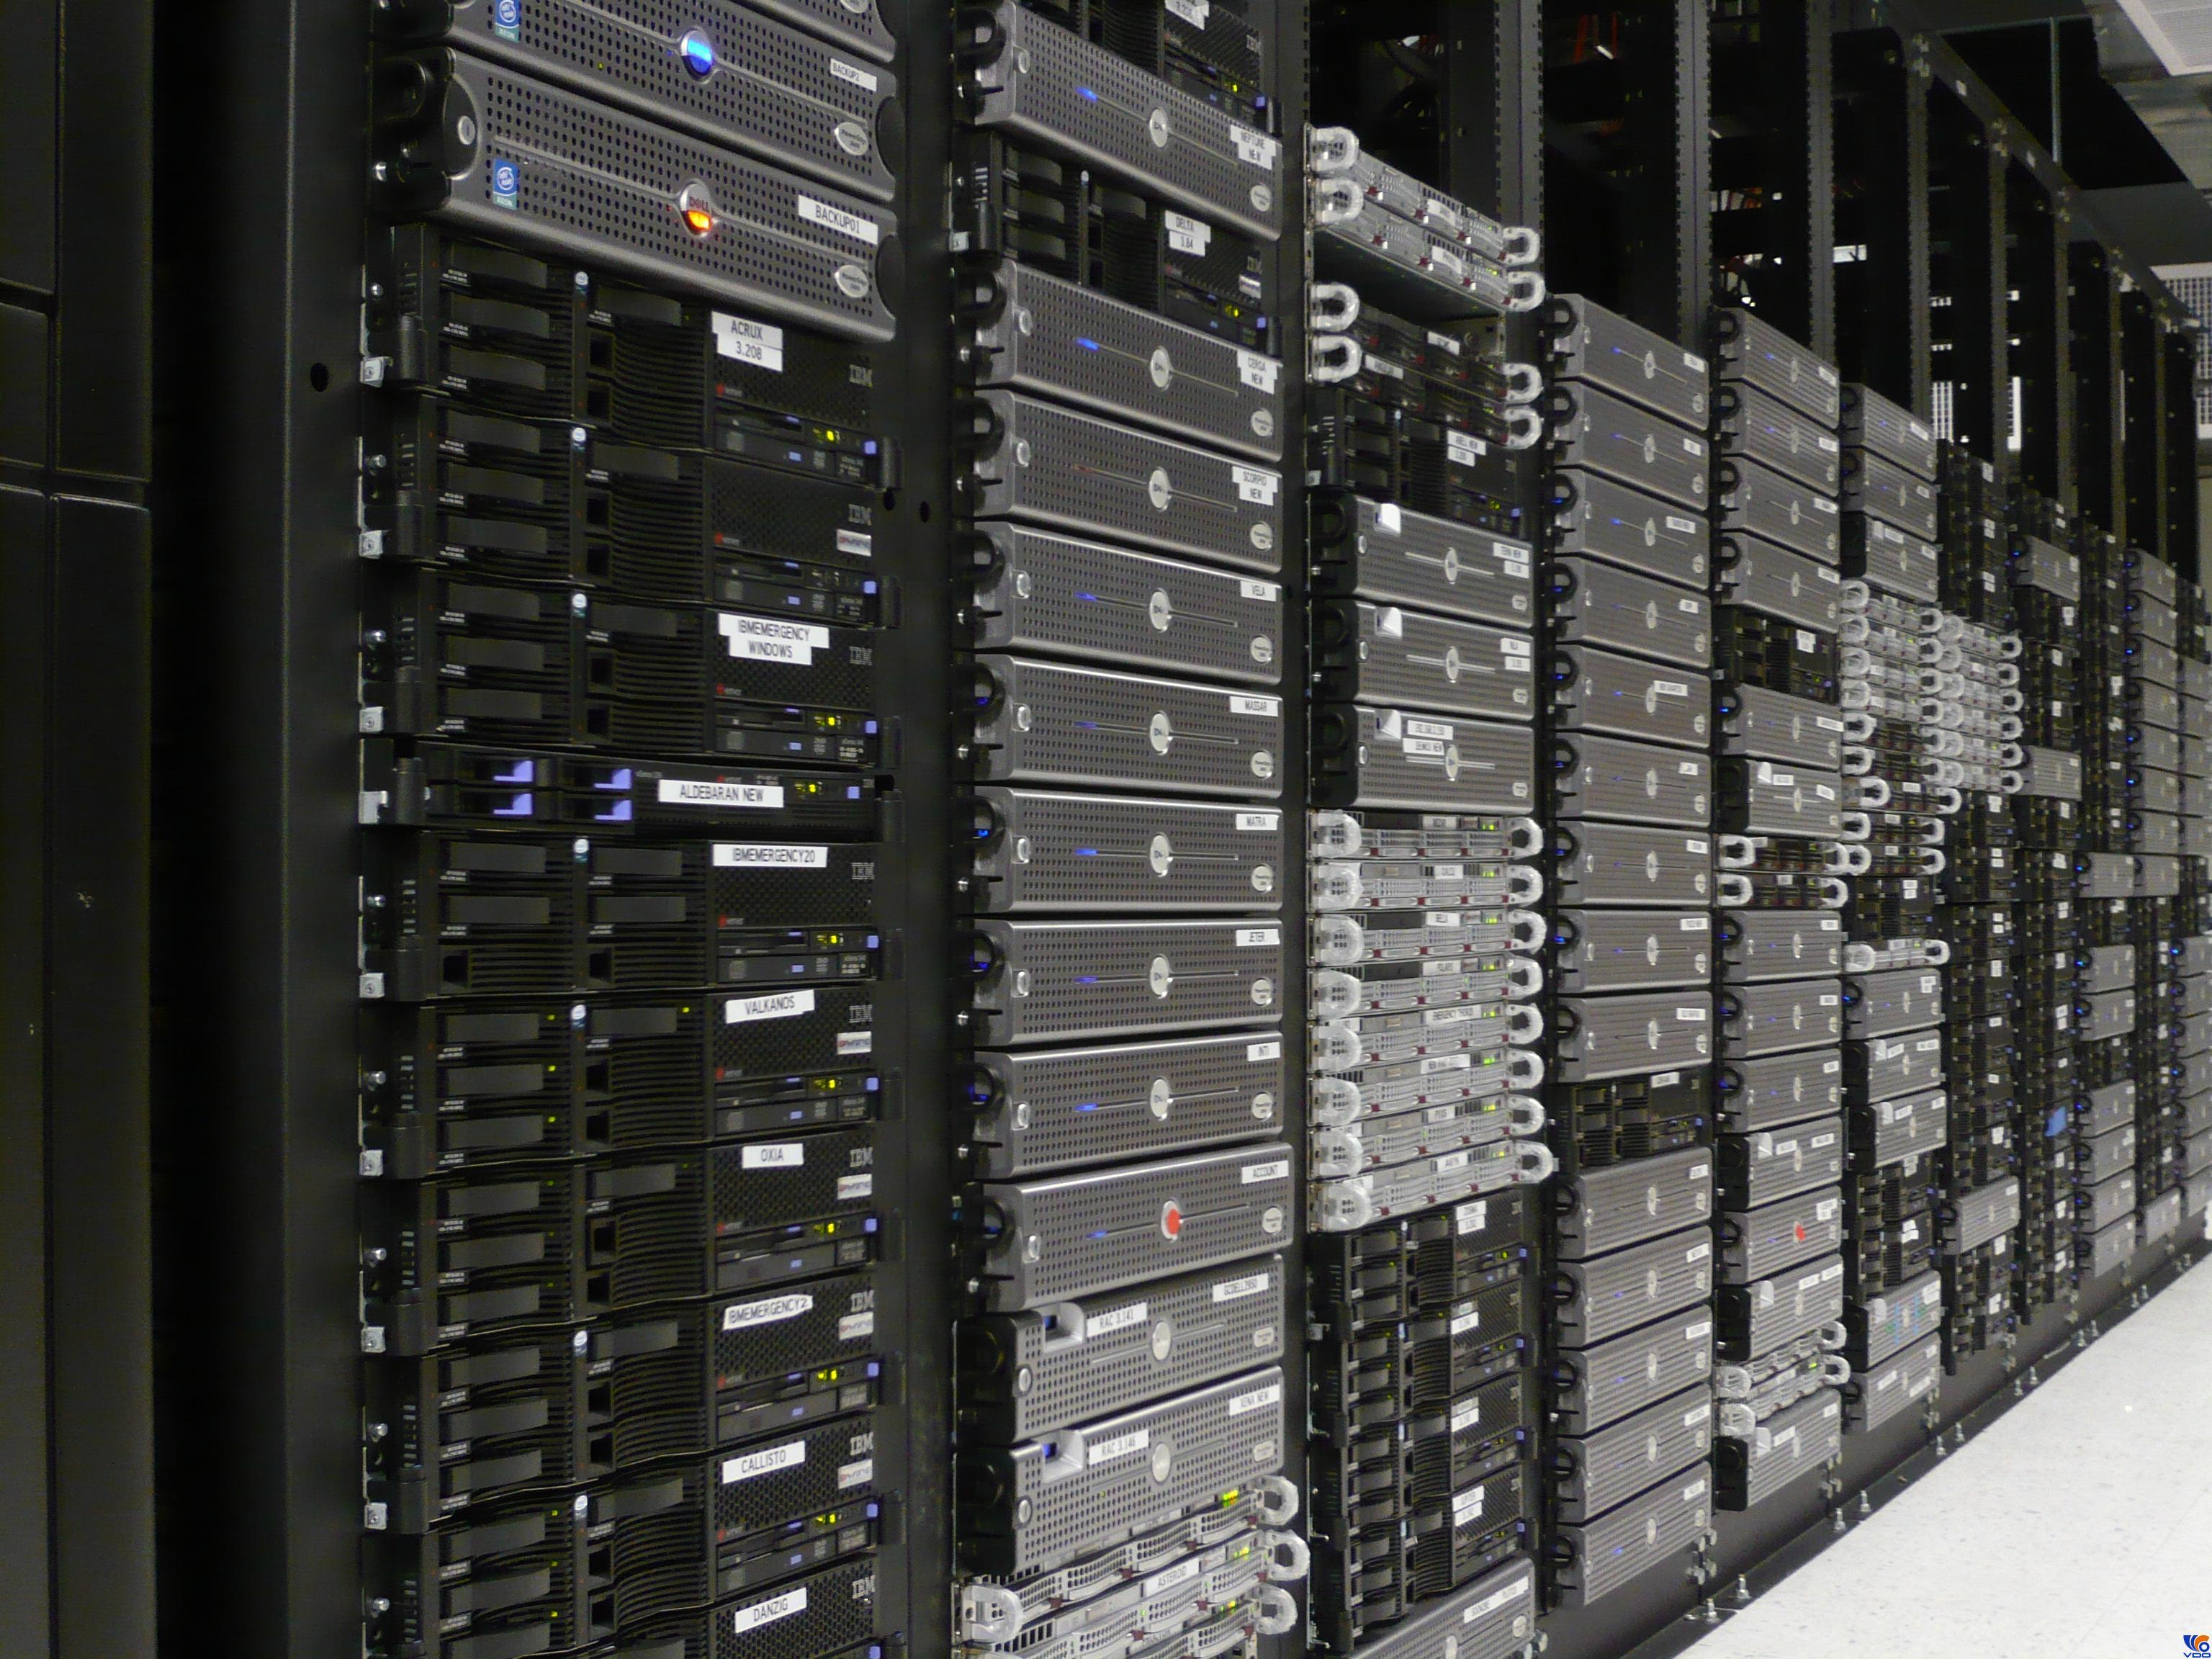 Không gian chỗ đặt máy chủ trong trung tâm dữ liệu